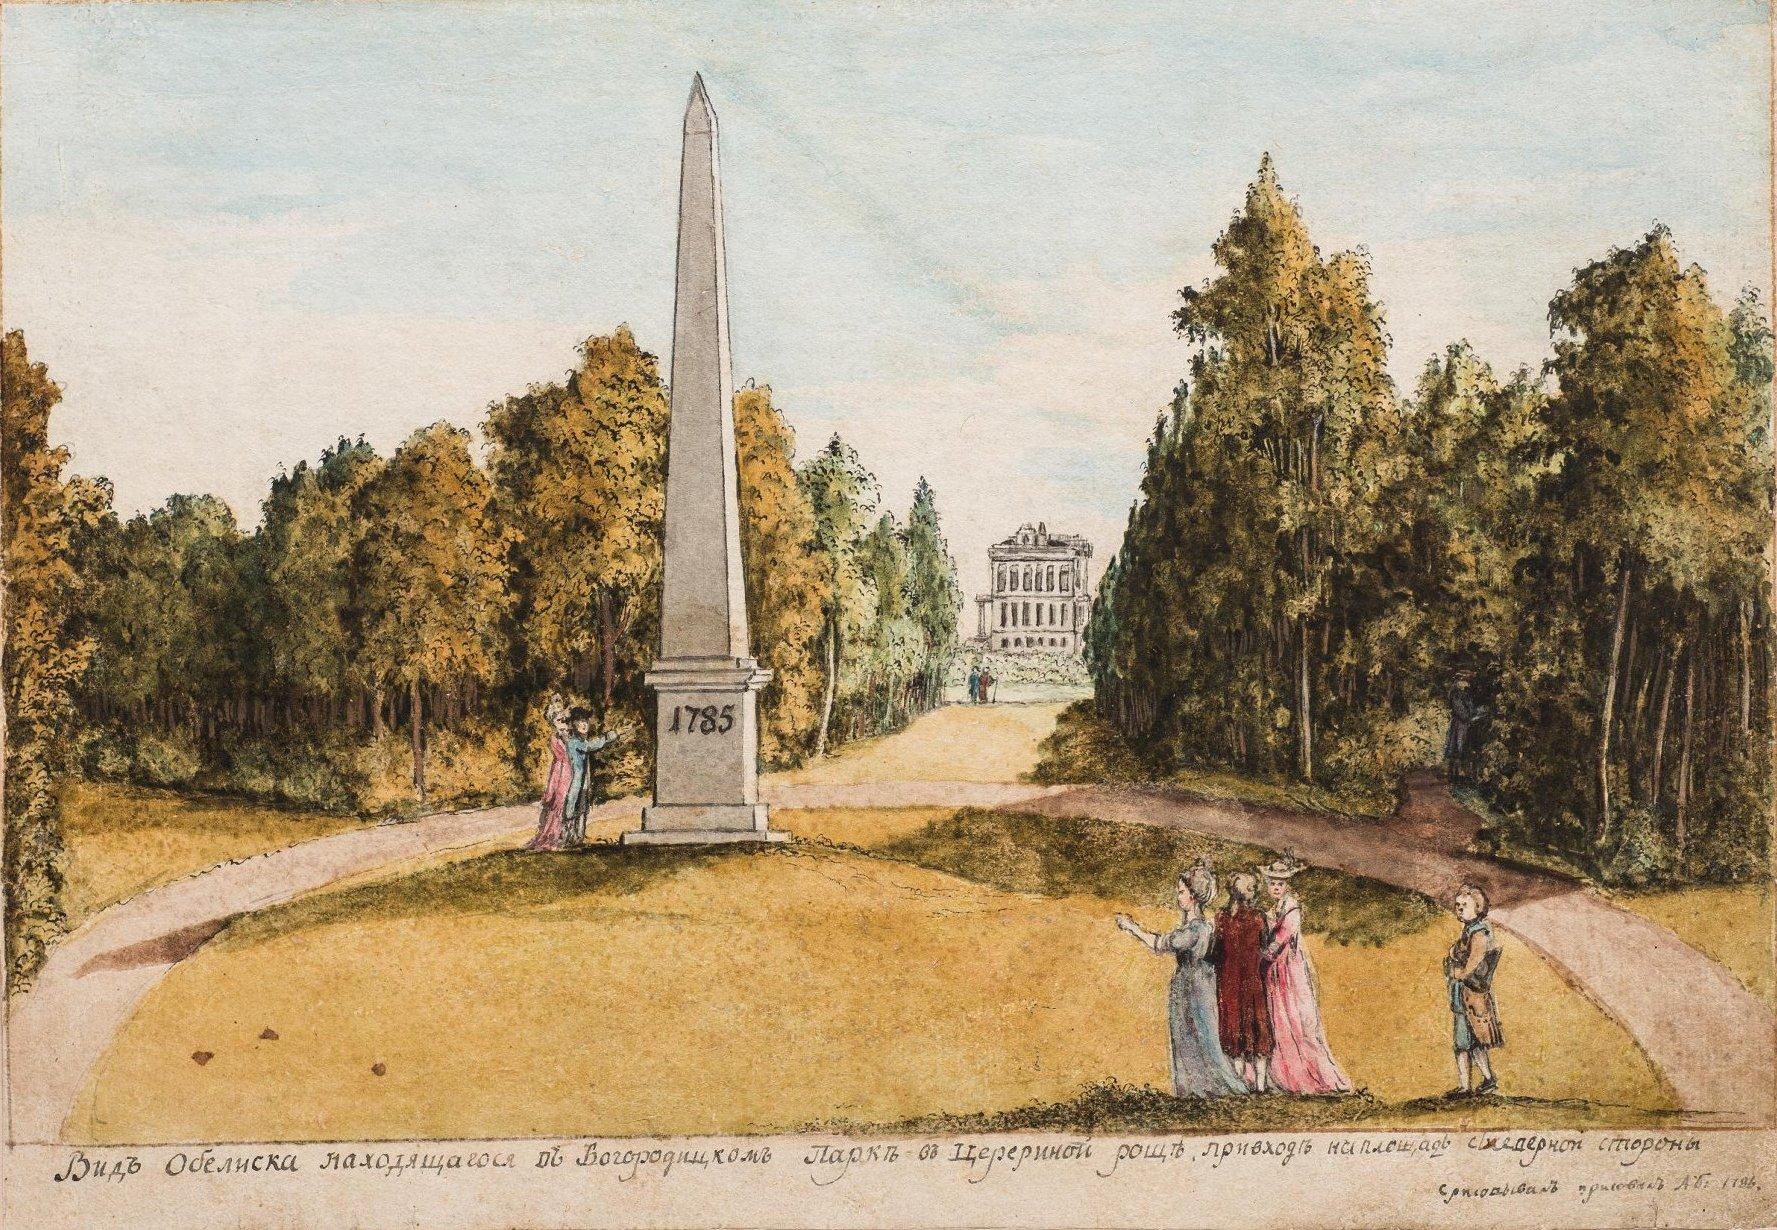 Вид на обелиск в Церериной роще в Богородицком парке (Вид Обелиска находящегося в Богородицком парке в Церериной роще при входе на площадь с северной стороны)